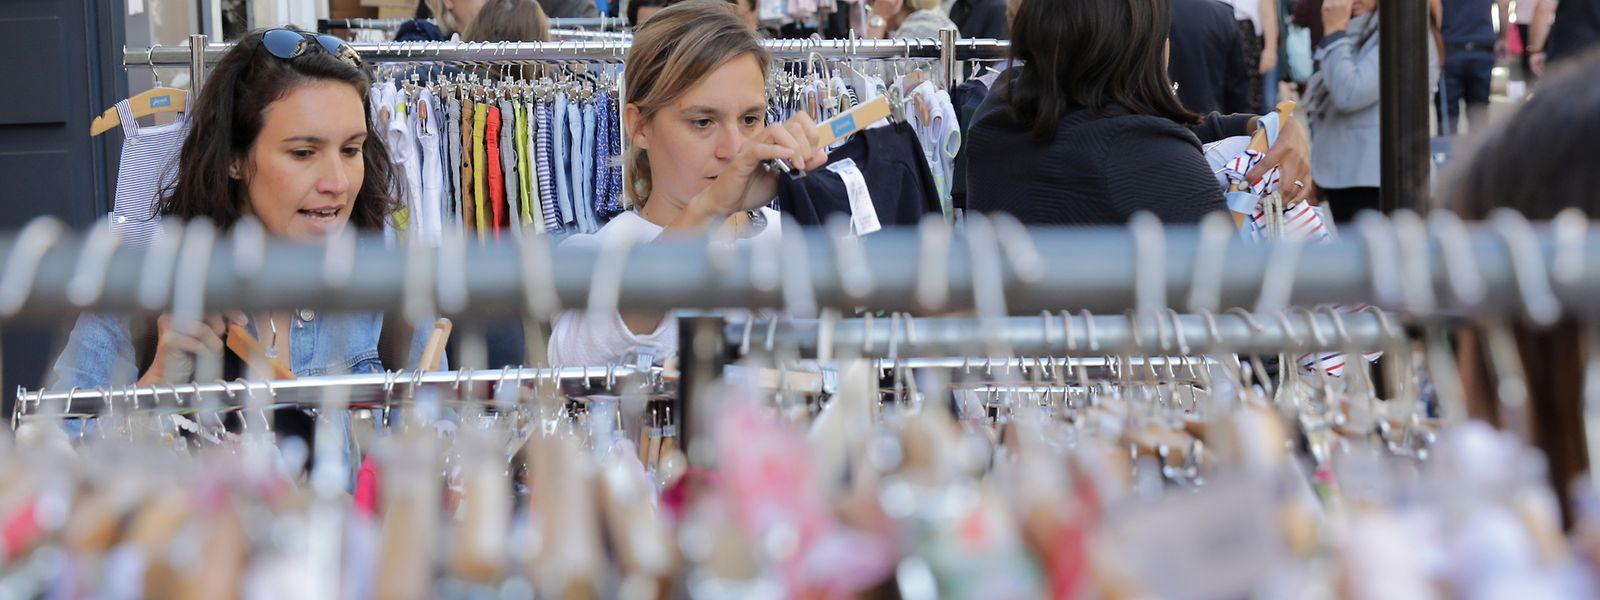 La braderie de Luxembourg reste un rendez-vous incontournable pour les commerçants de la capitale.